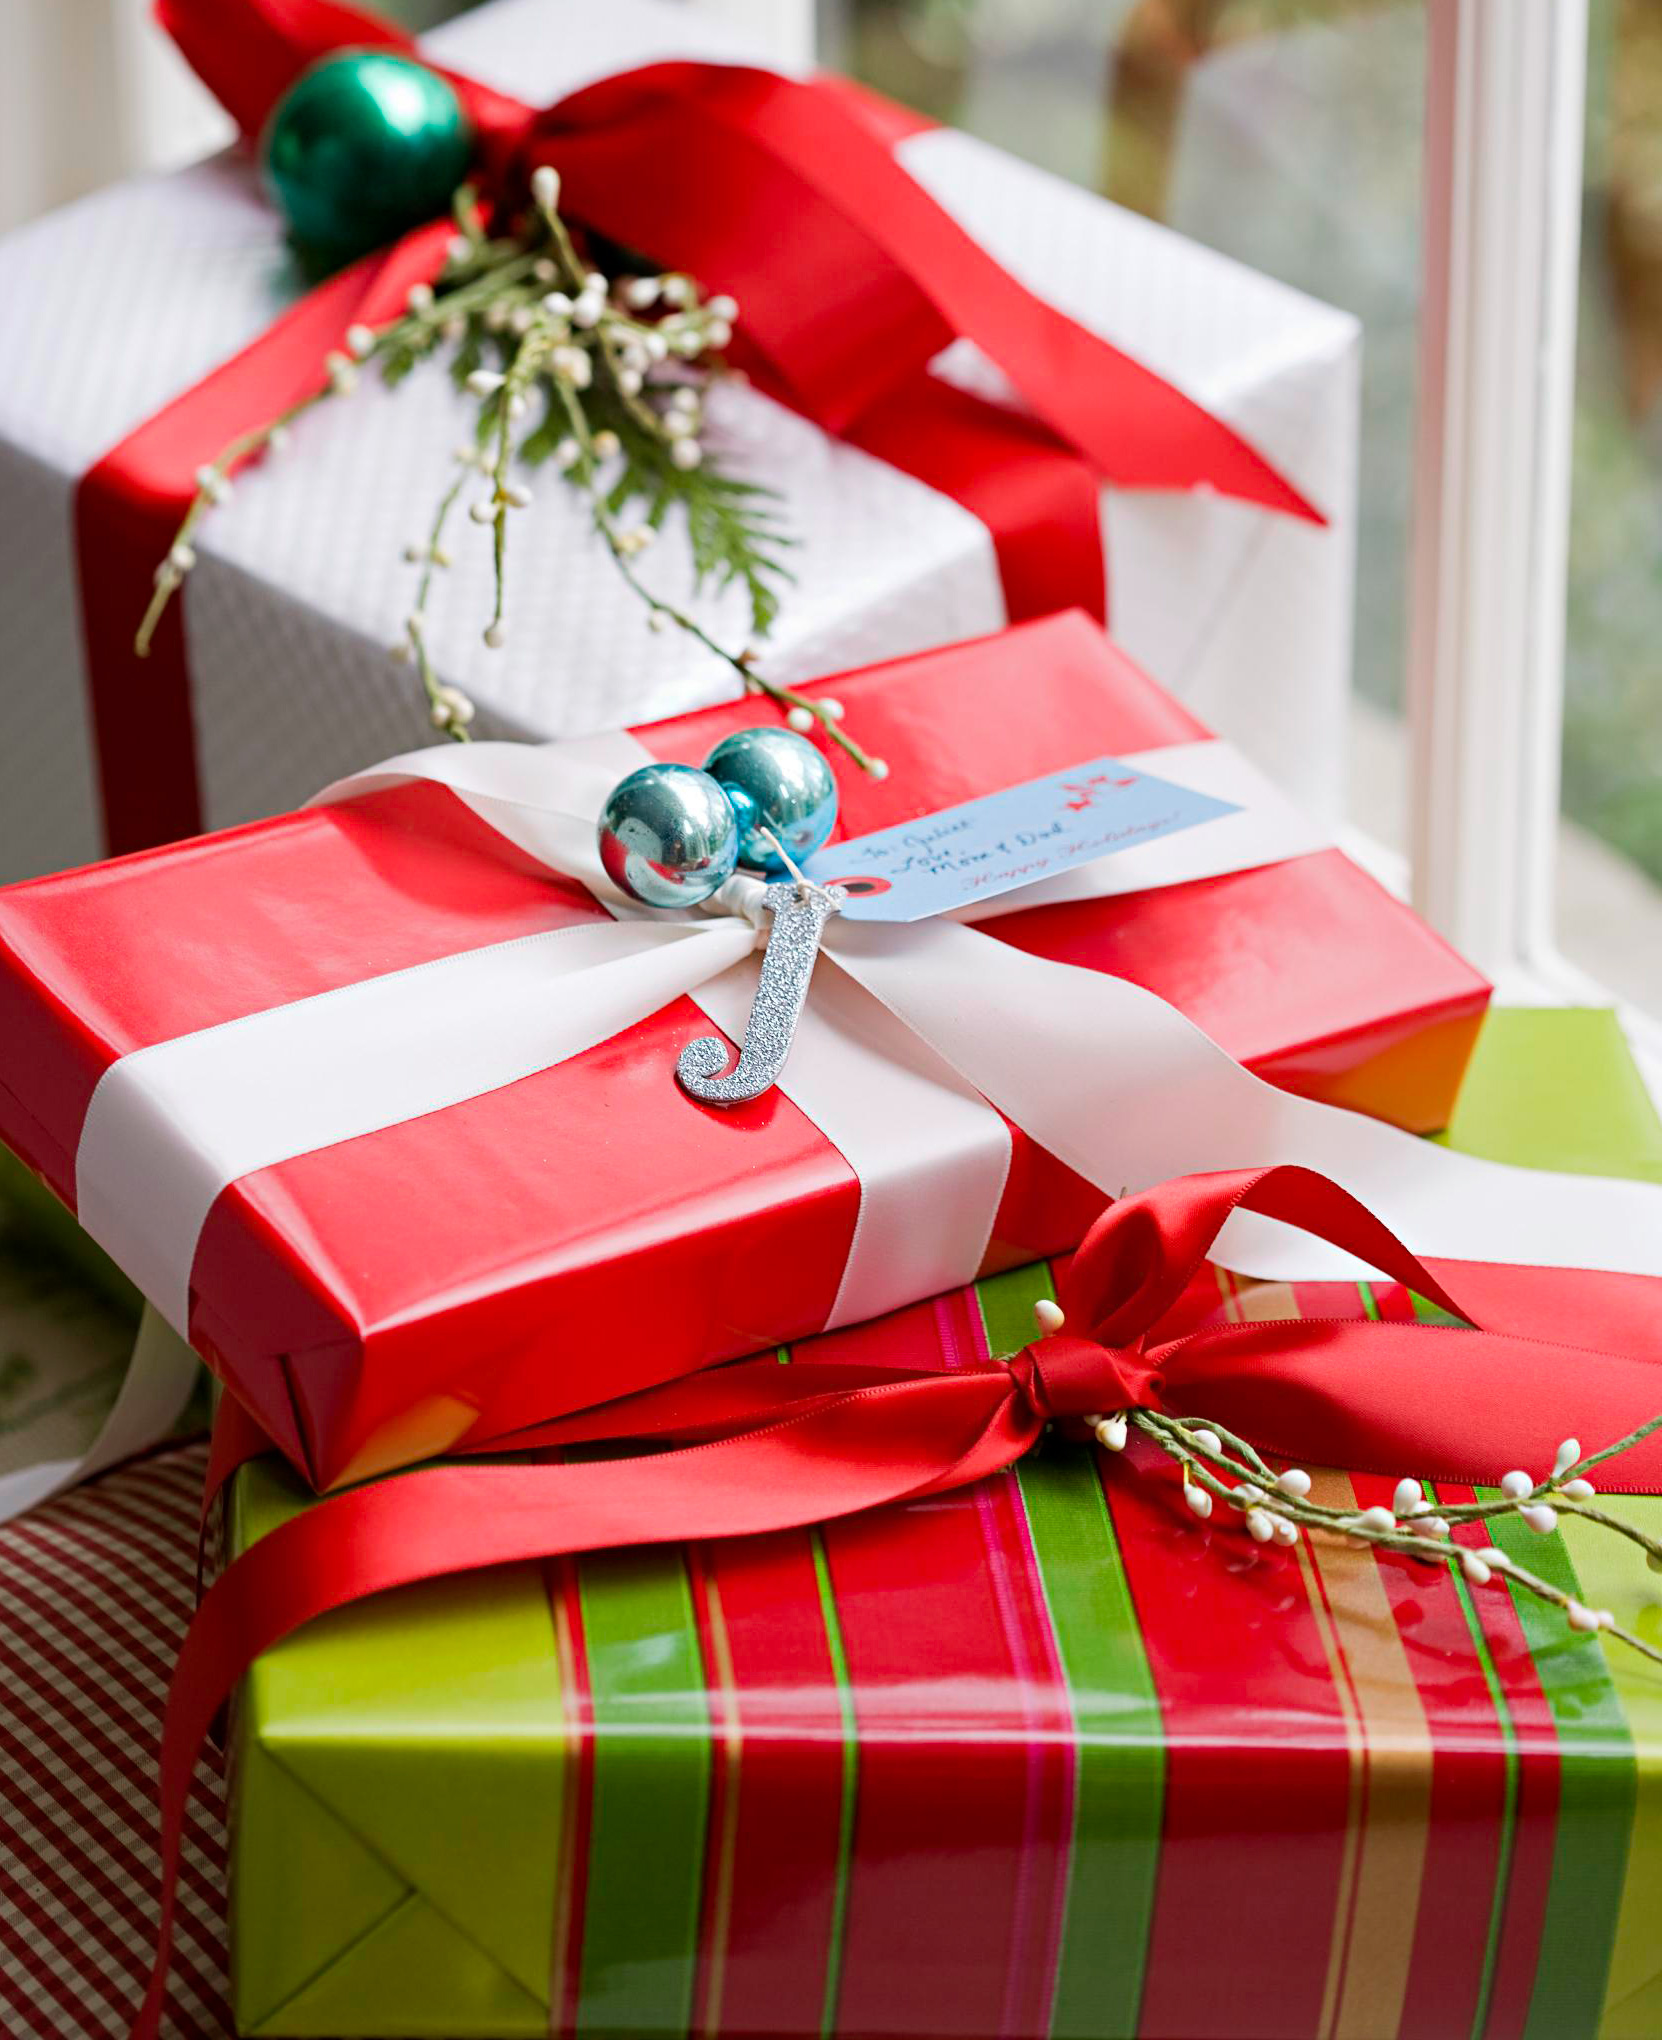 Decorate a present